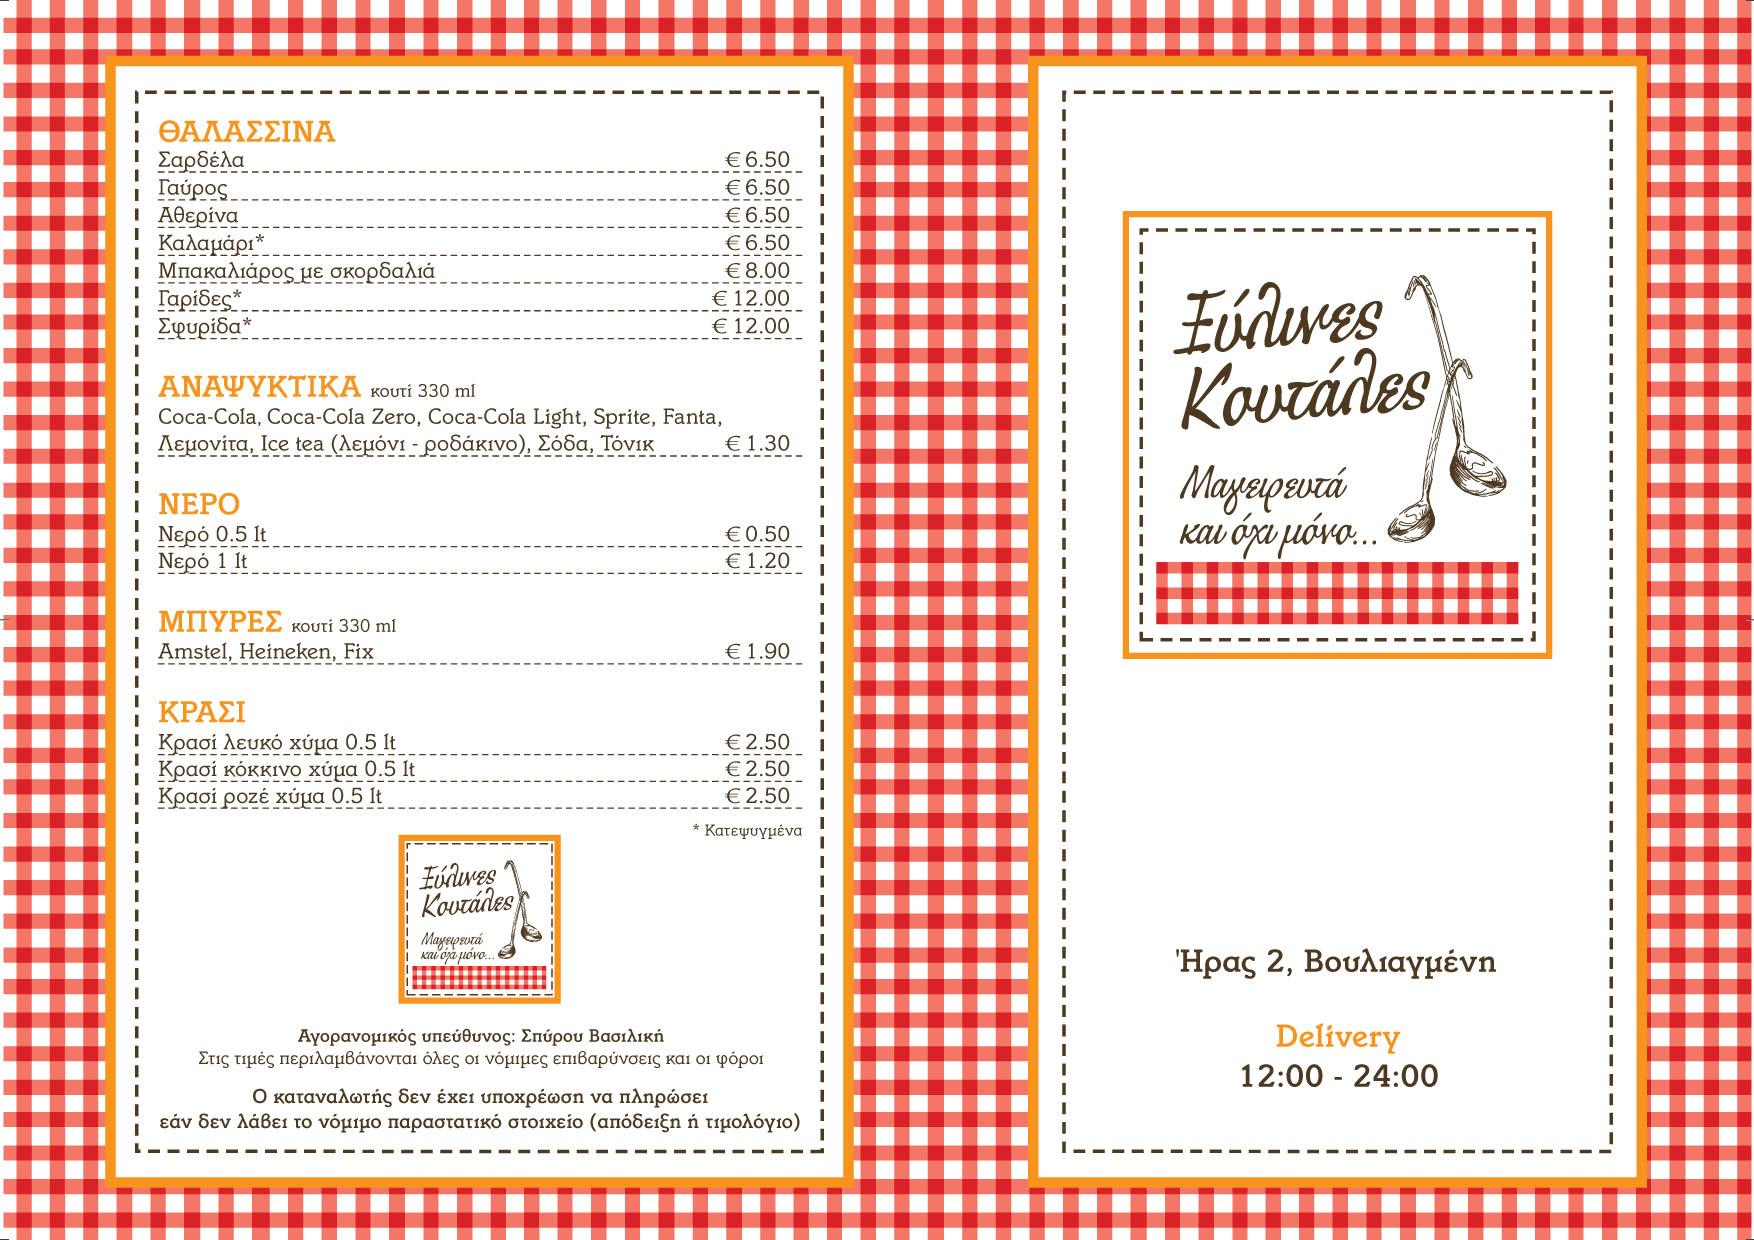 Κατάλογος Εστιατορίου Ξύλινες Κουτάλες